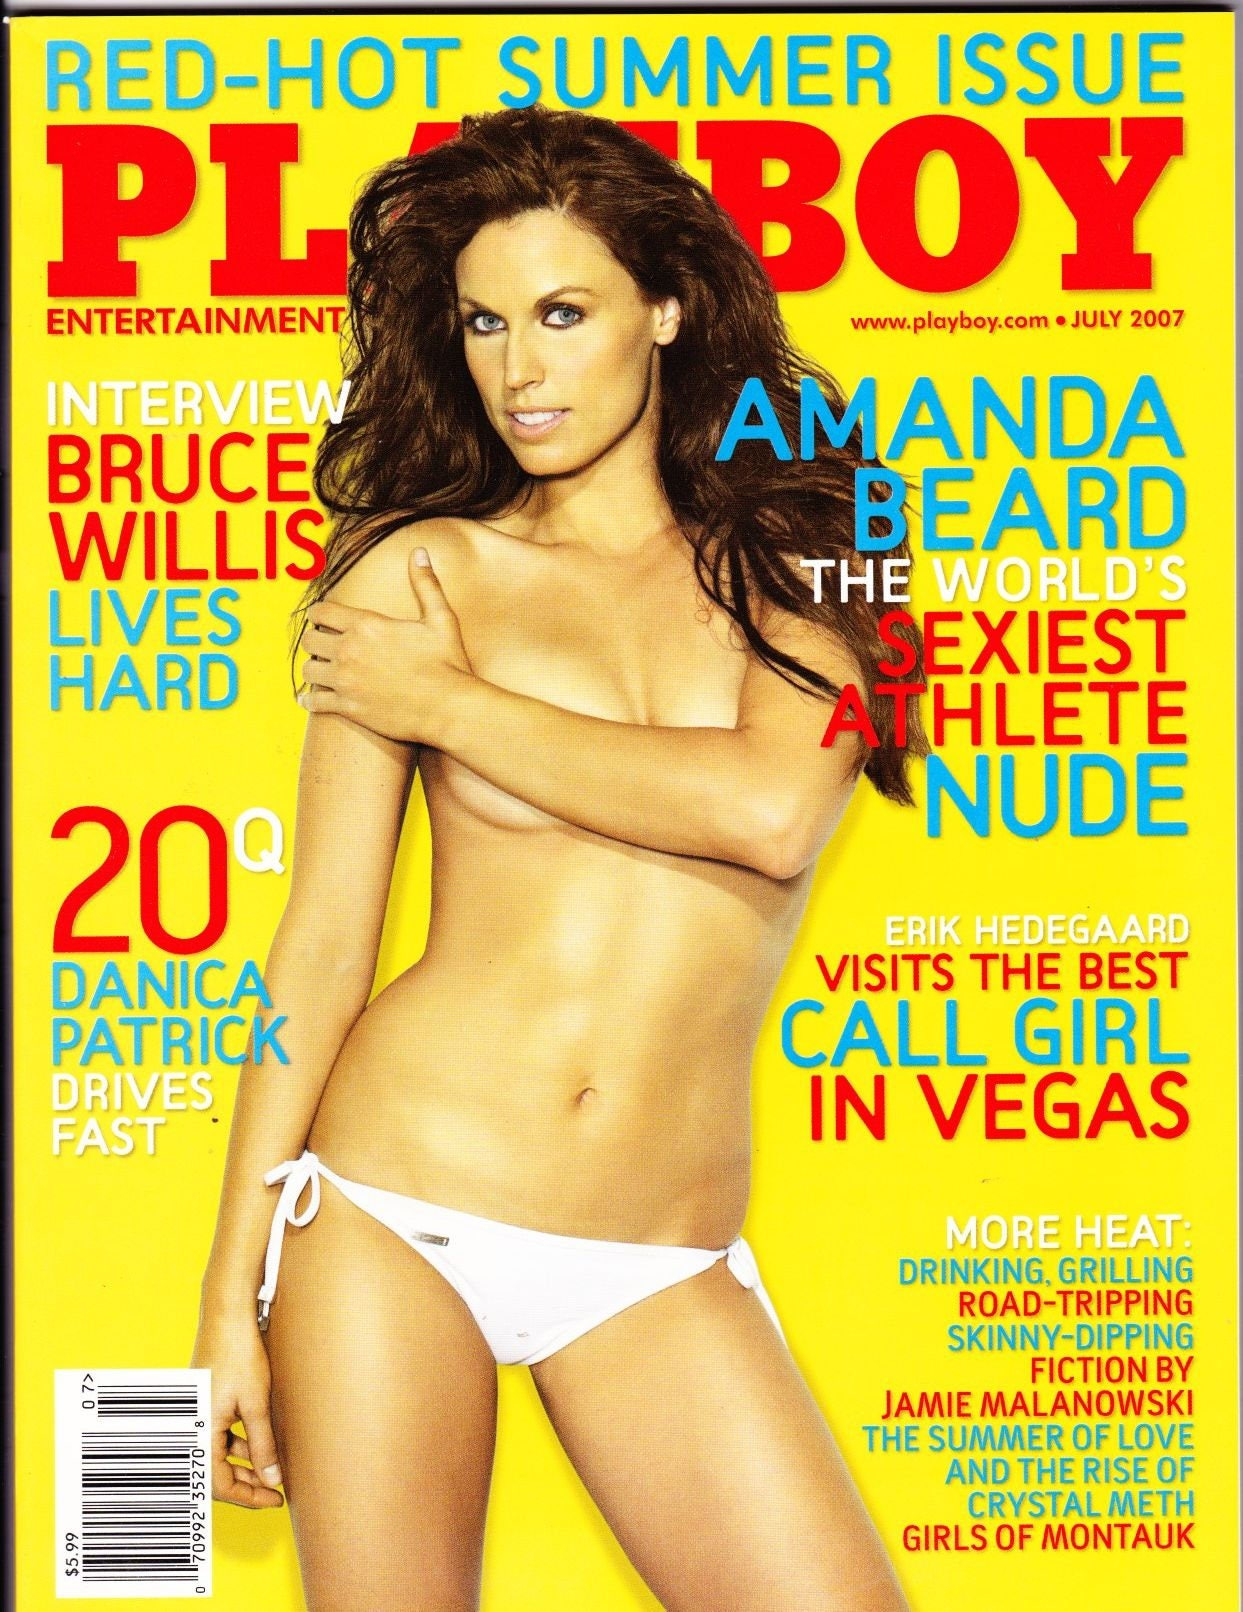 Naked amanda beard in playboy magazine ancensored